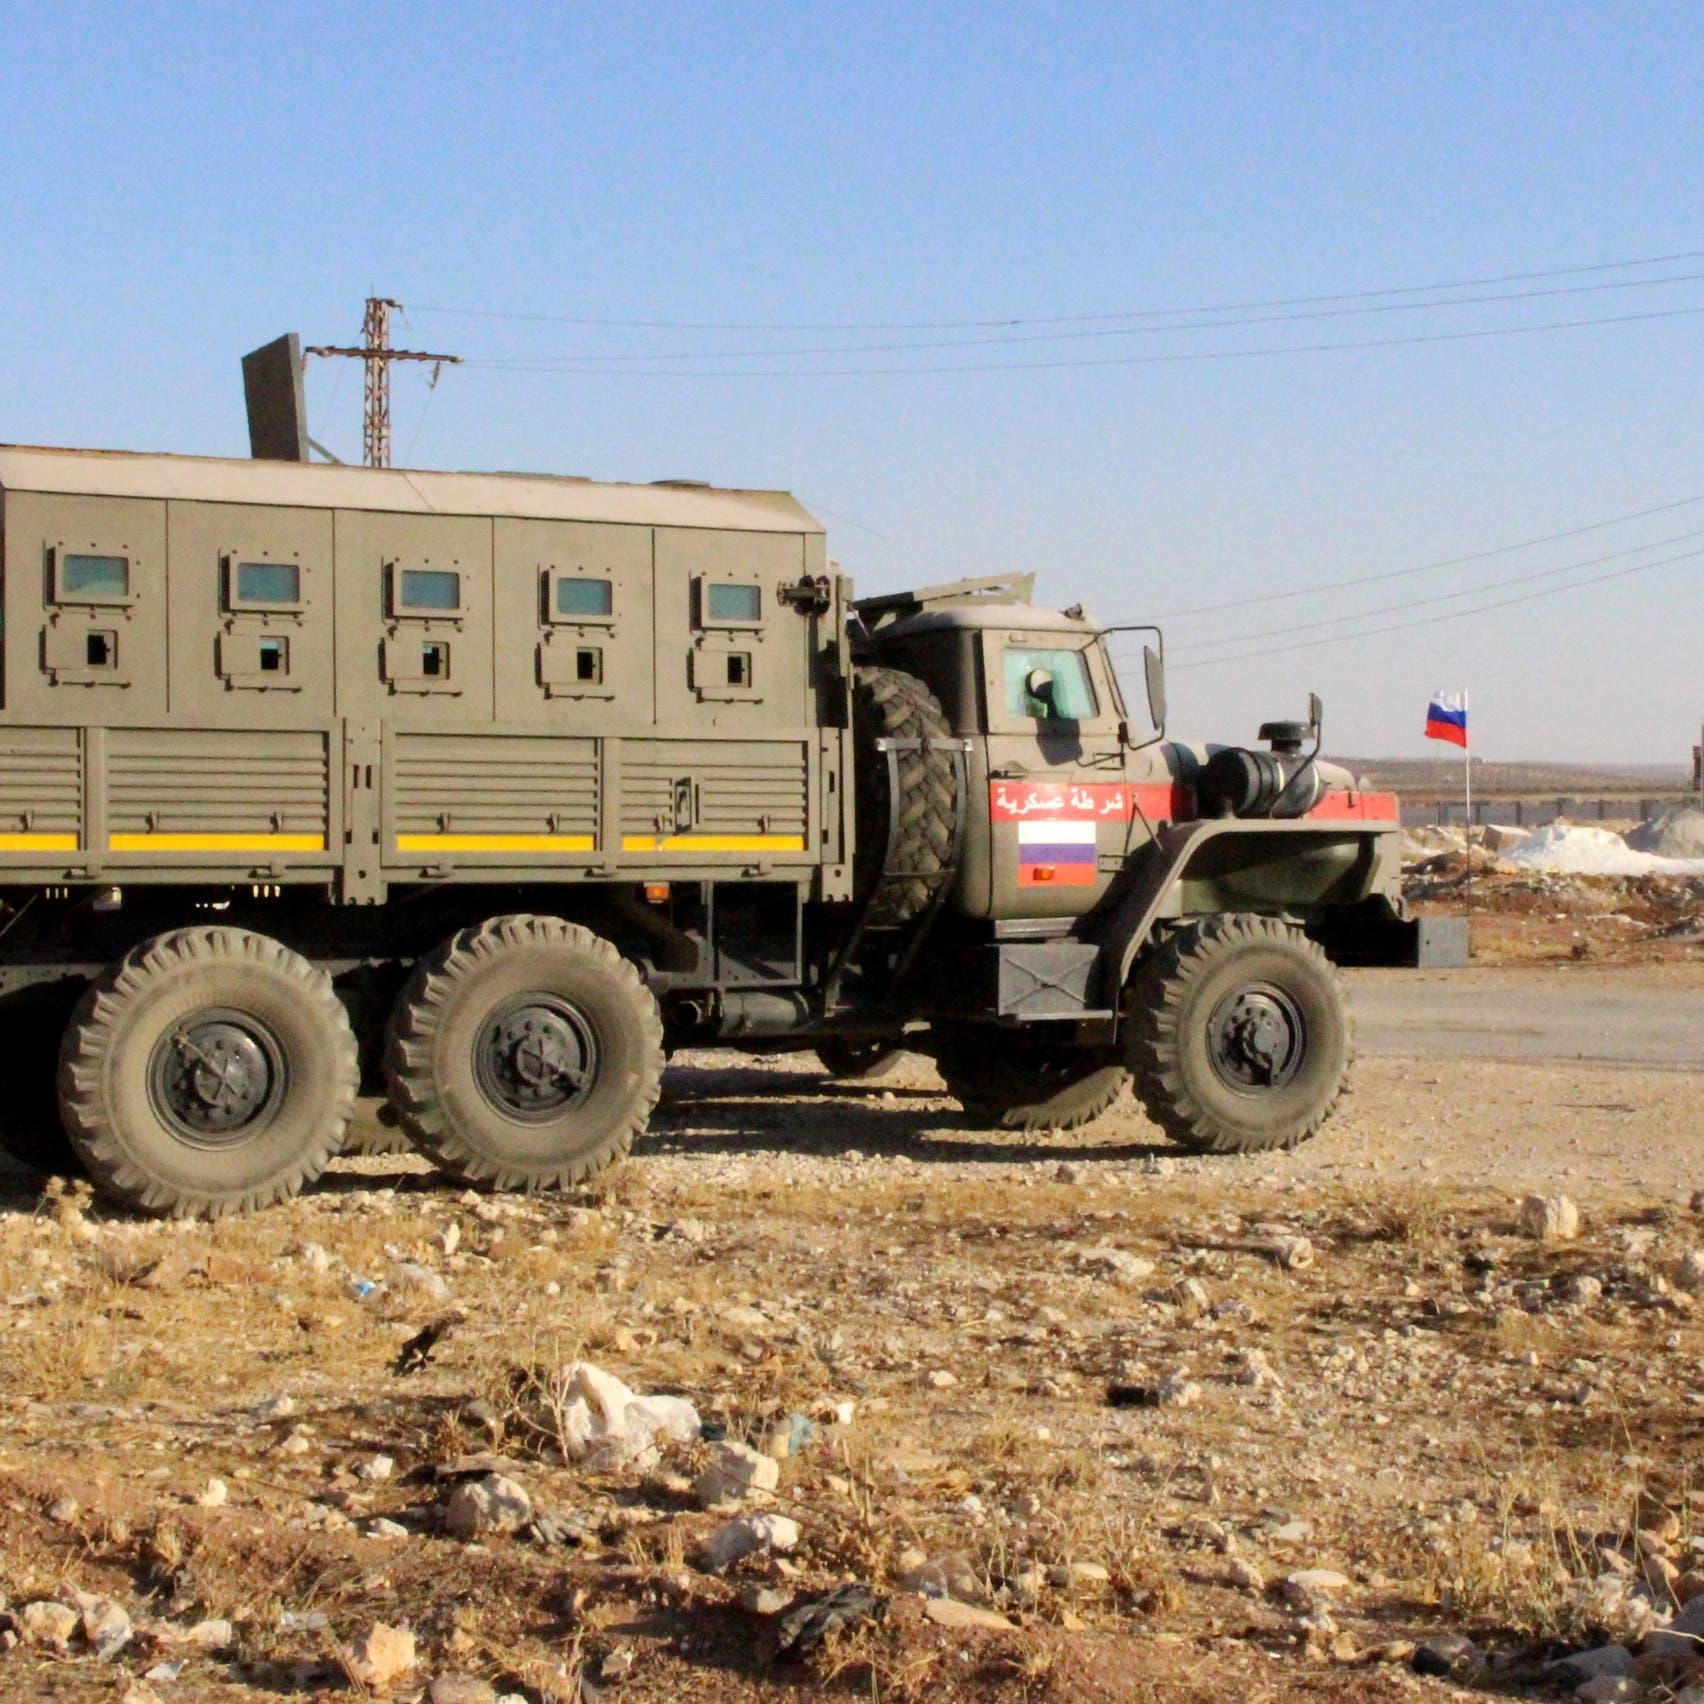 قوات النظام وميليشيات إيران تكثف هجومها على درعا البلد